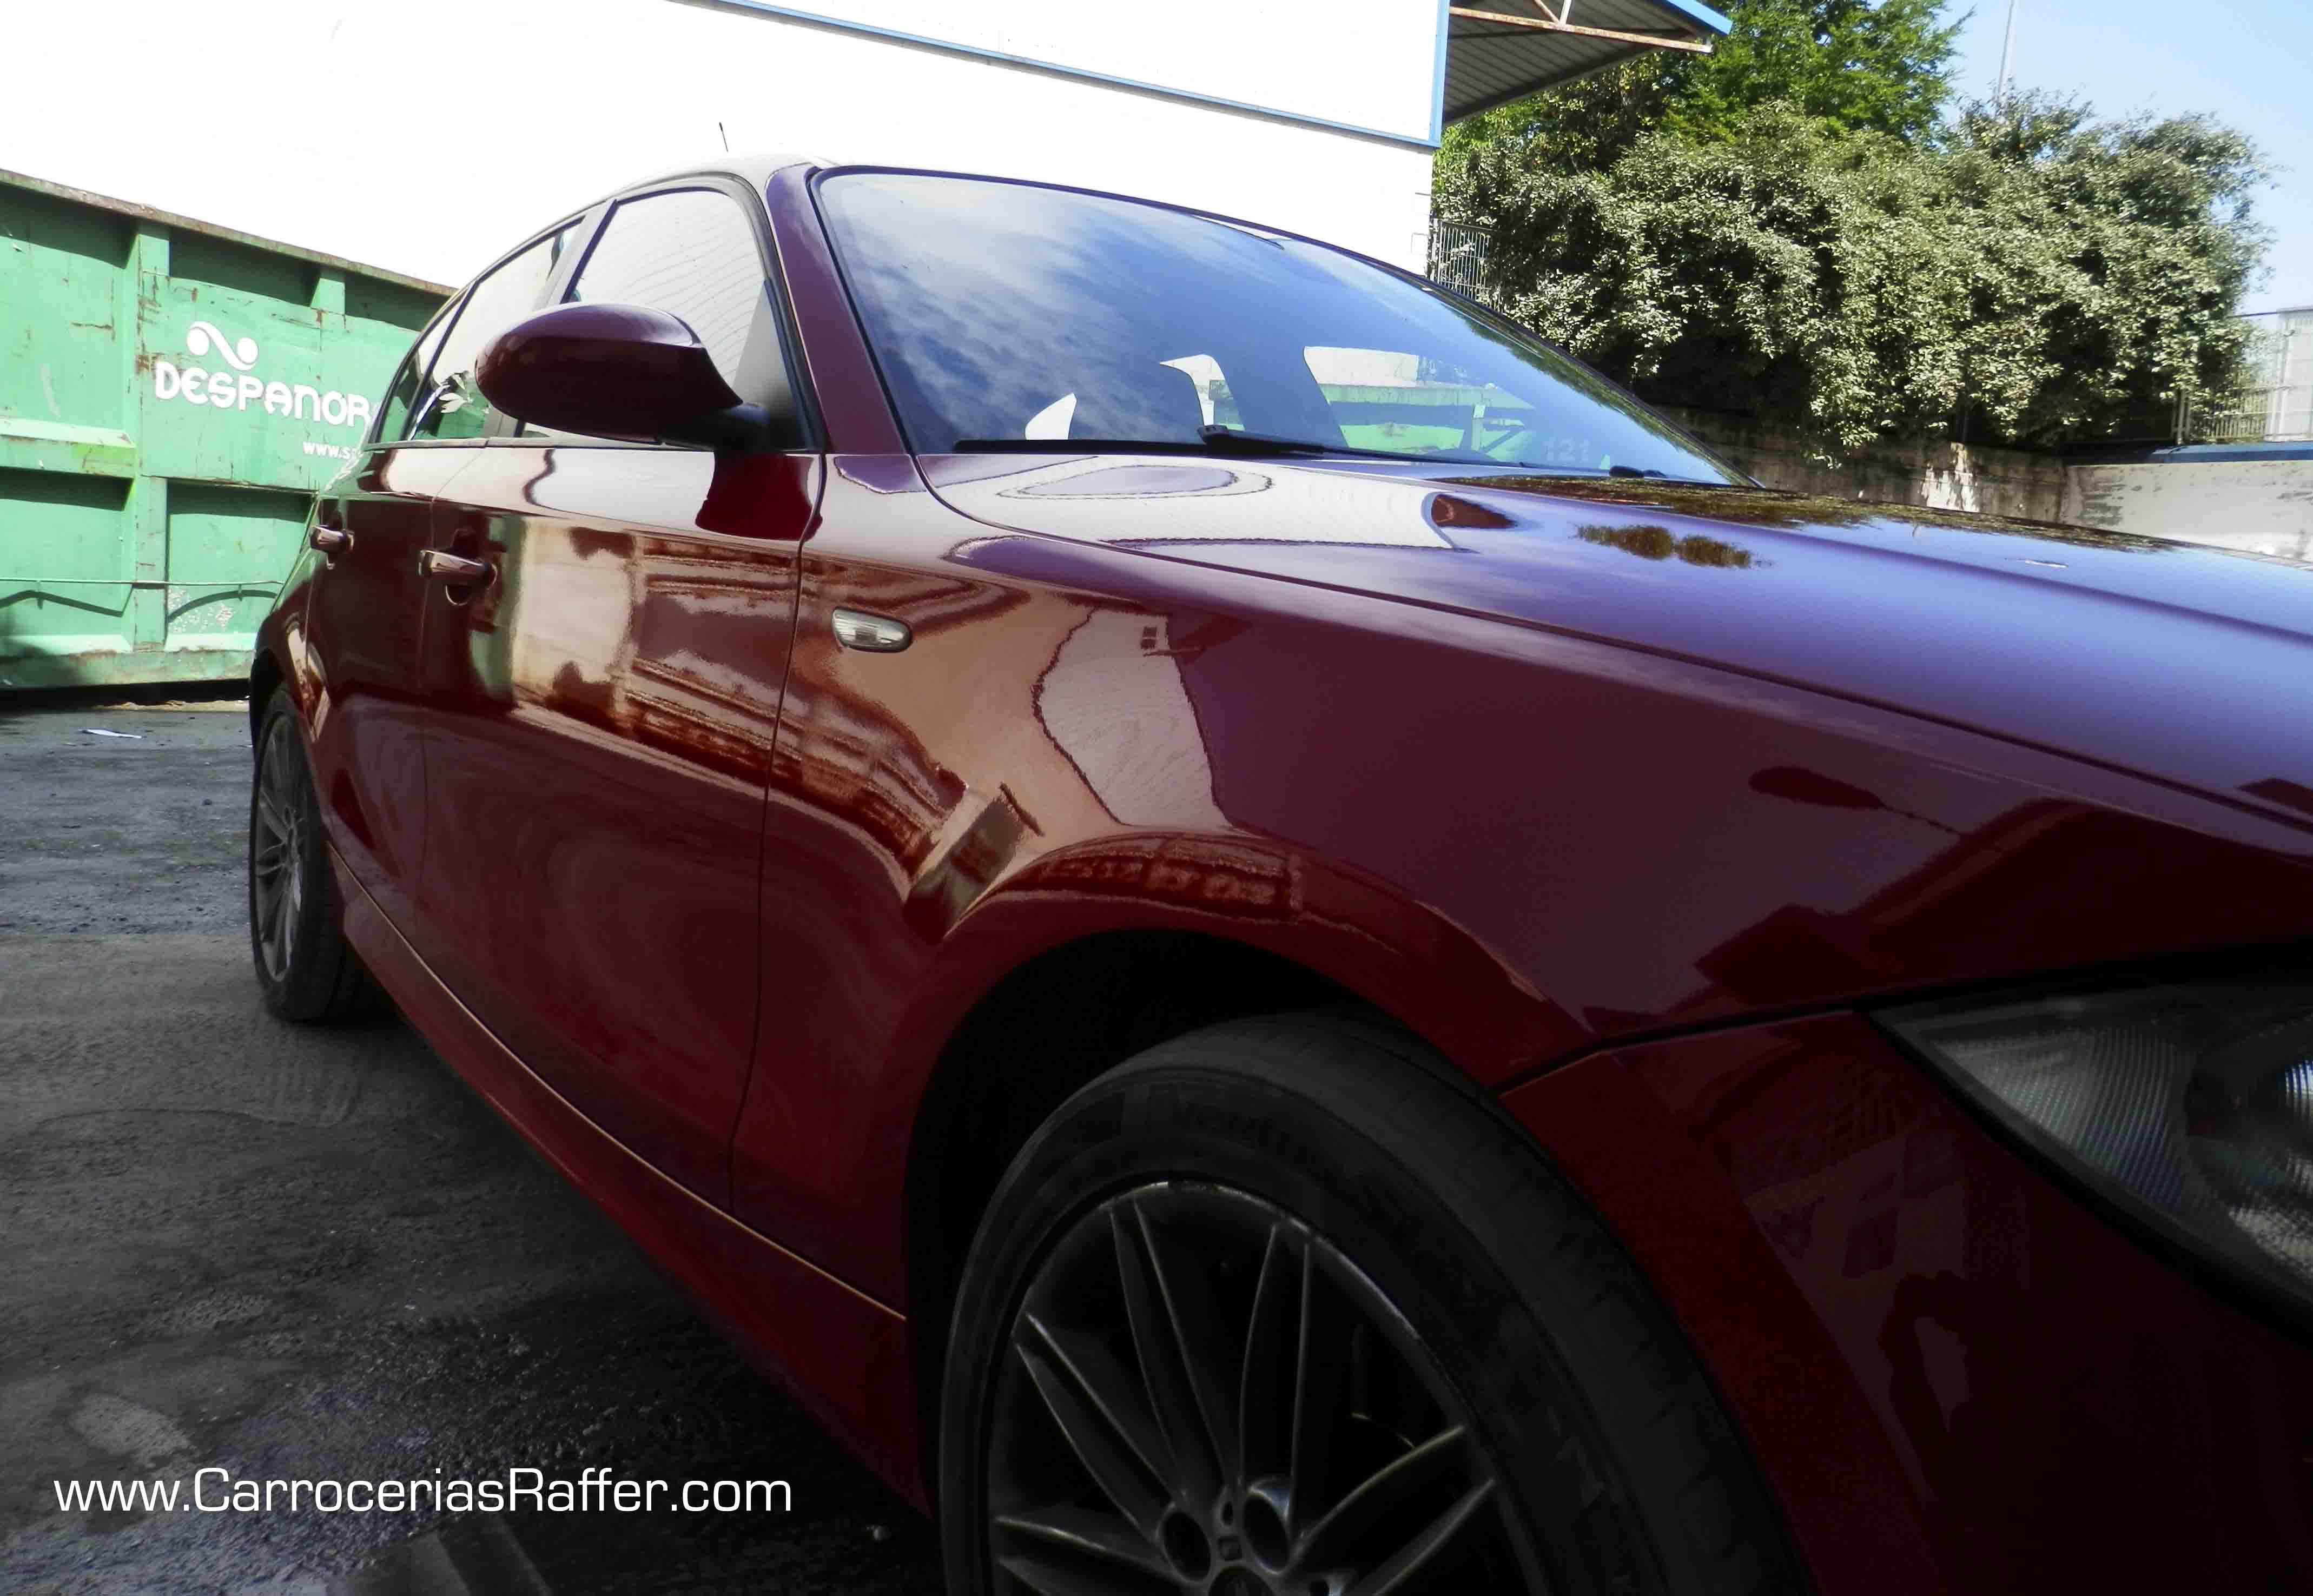 Pintar el coche es otra manera de estrenarlo: BMW Serie 1